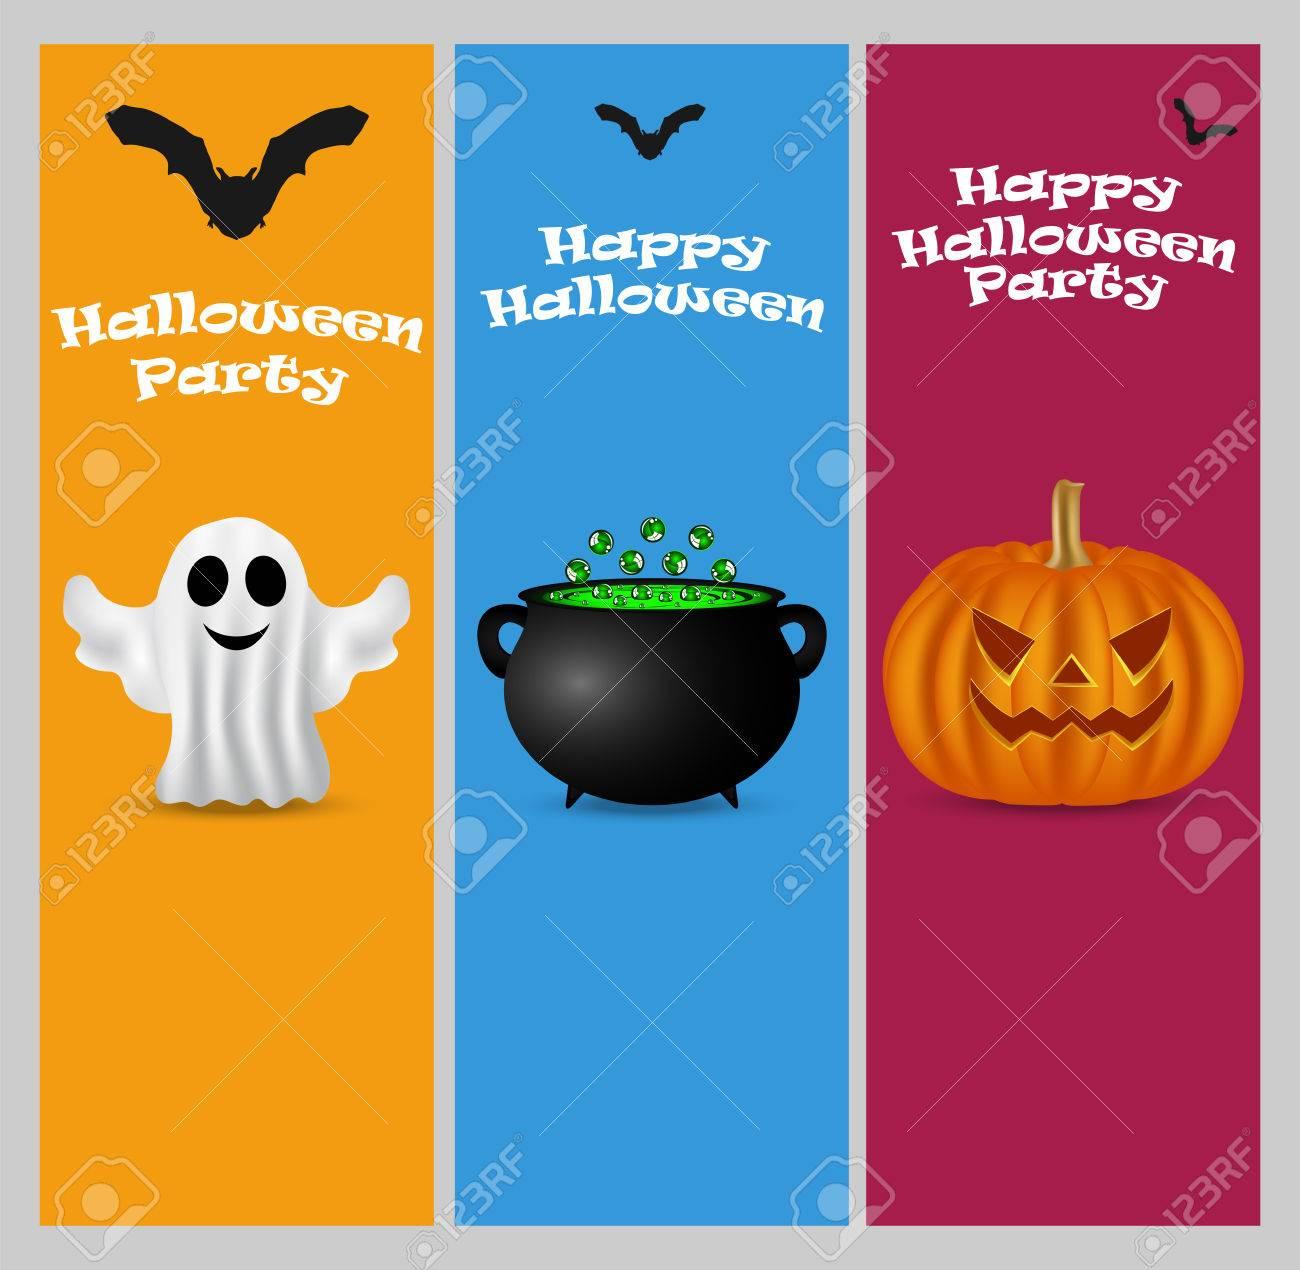 Einladung Zu Einer Halloween Party. Vertikale Banner Karten Set Grußkarte  Standard